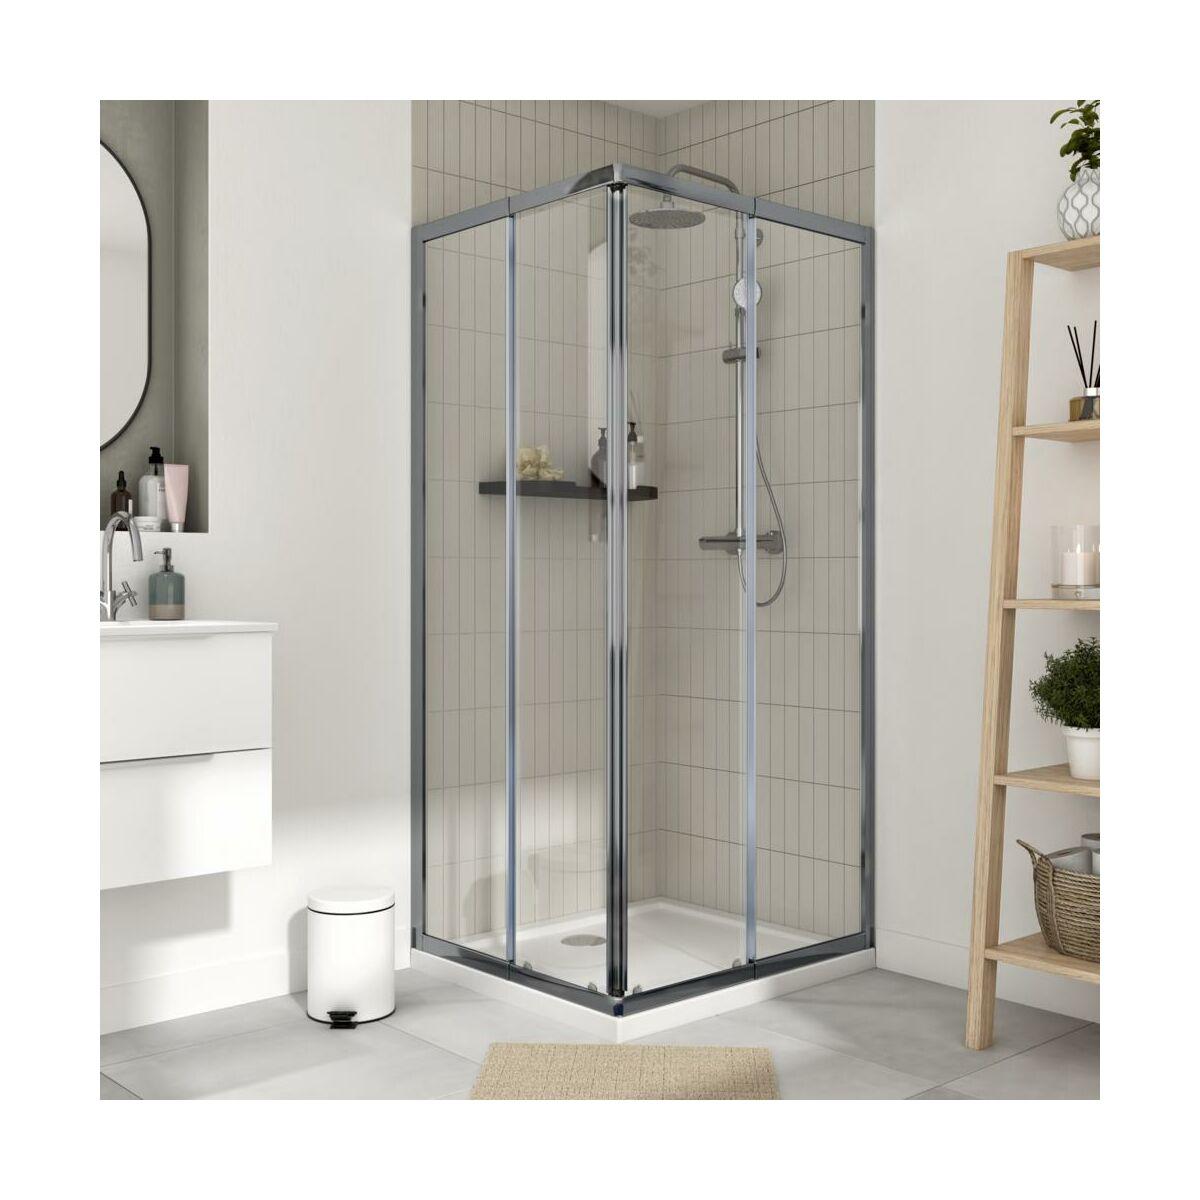 Kabina Prysznicowa 100 X 185 Cm Essential Sensea Kabiny Prysznicowe W Atrakcyjnej Cenie W Sklepach Leroy Merlin